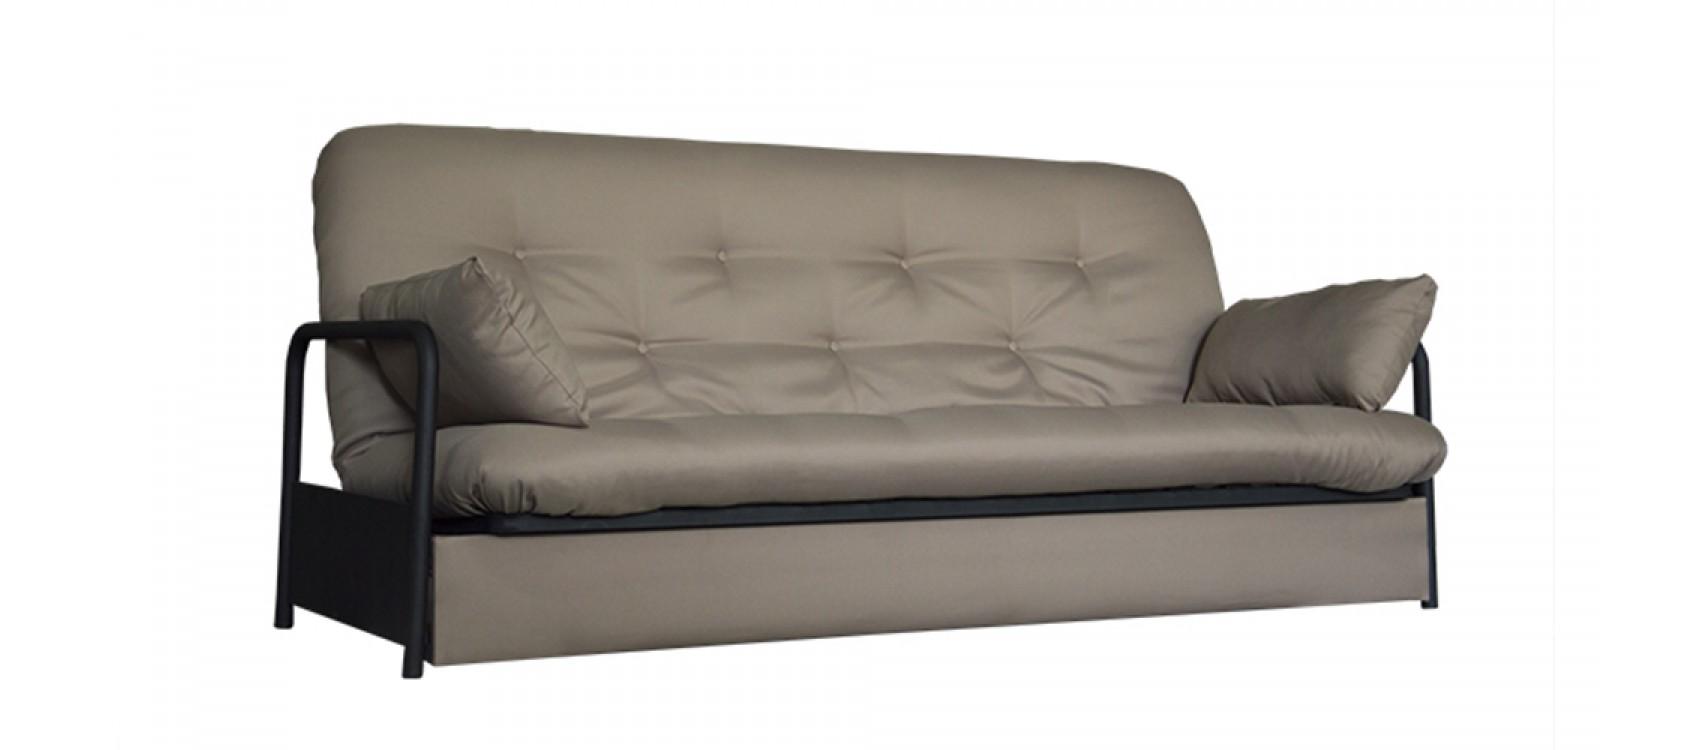 Sofa FIJI фото 8